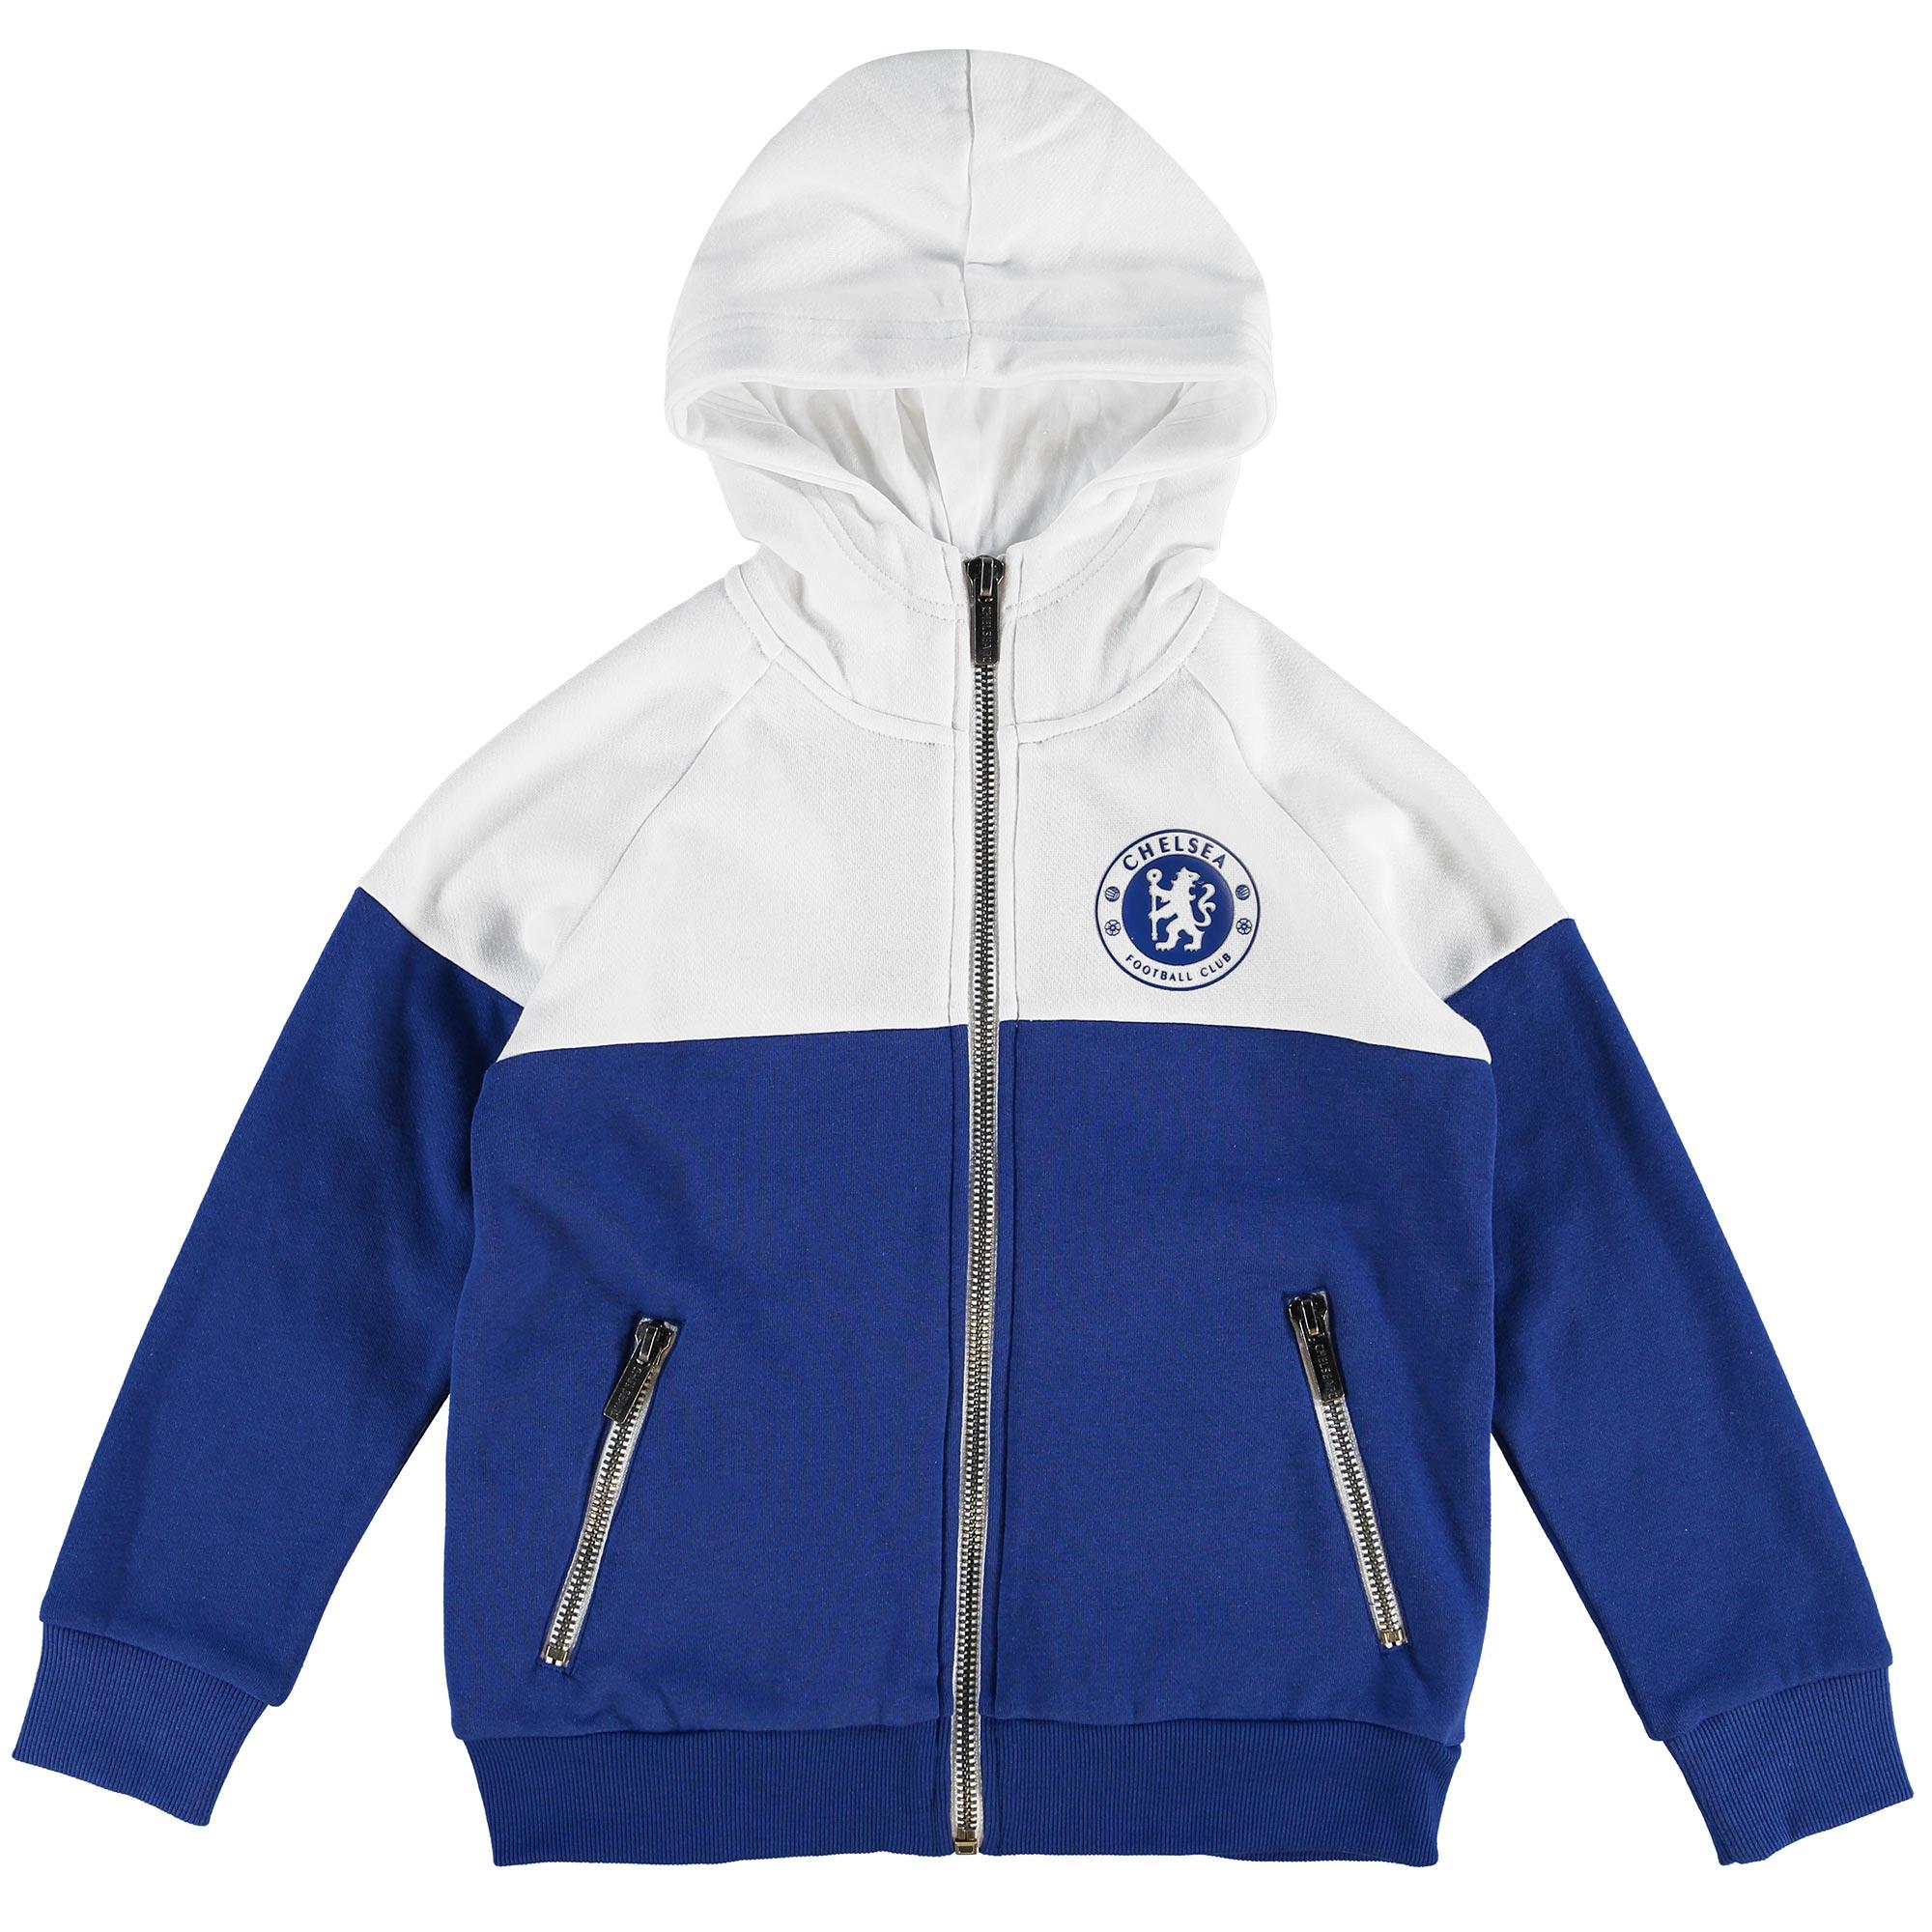 Chelsea Essential Full Zip Hoodie - Royal/White - Older Boys